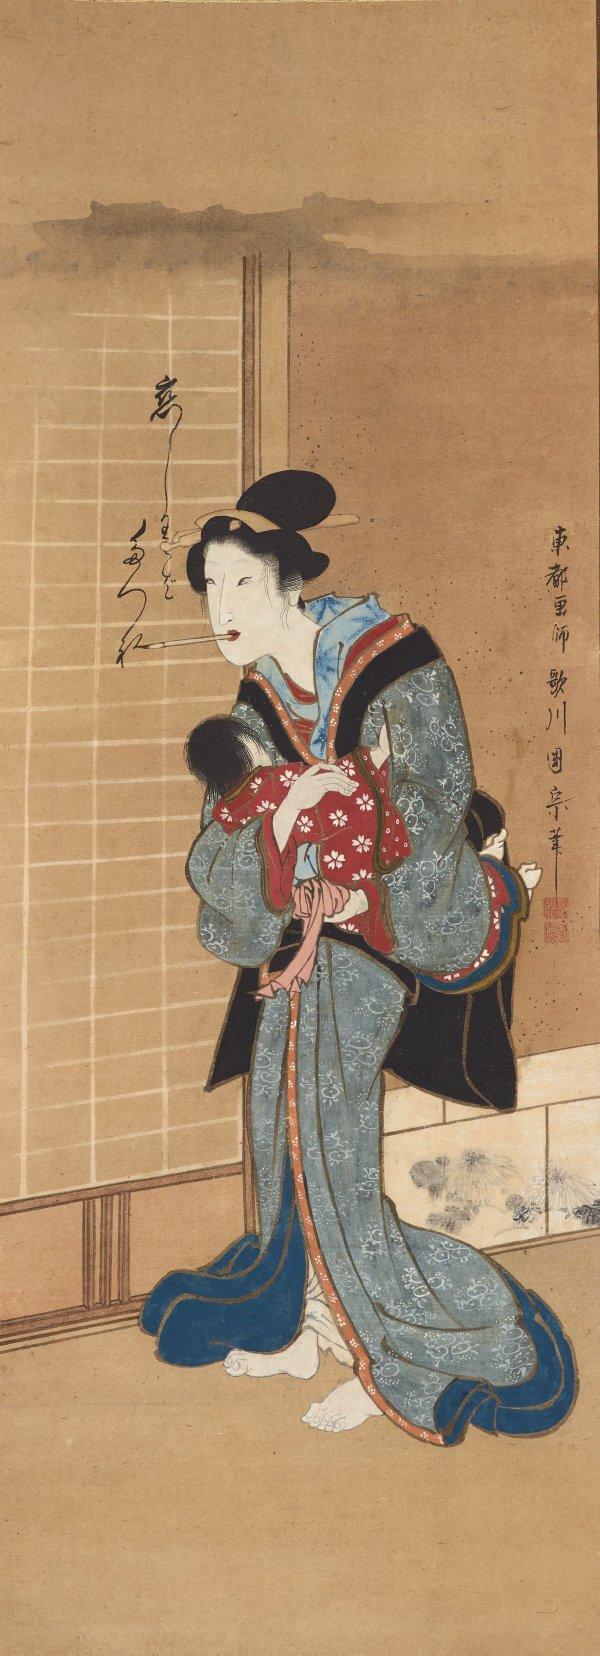 An image of Kuzunoha: Farewell to the baby